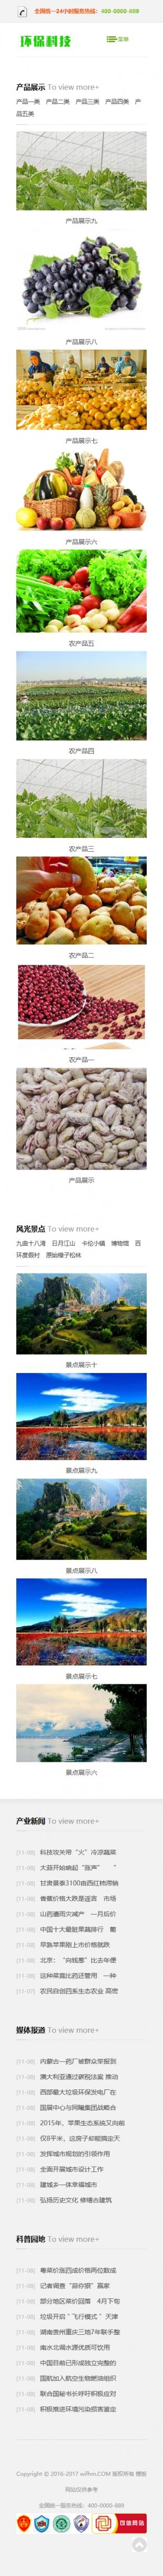 家产品环保科技类企业网站模板响应式网站手机图片